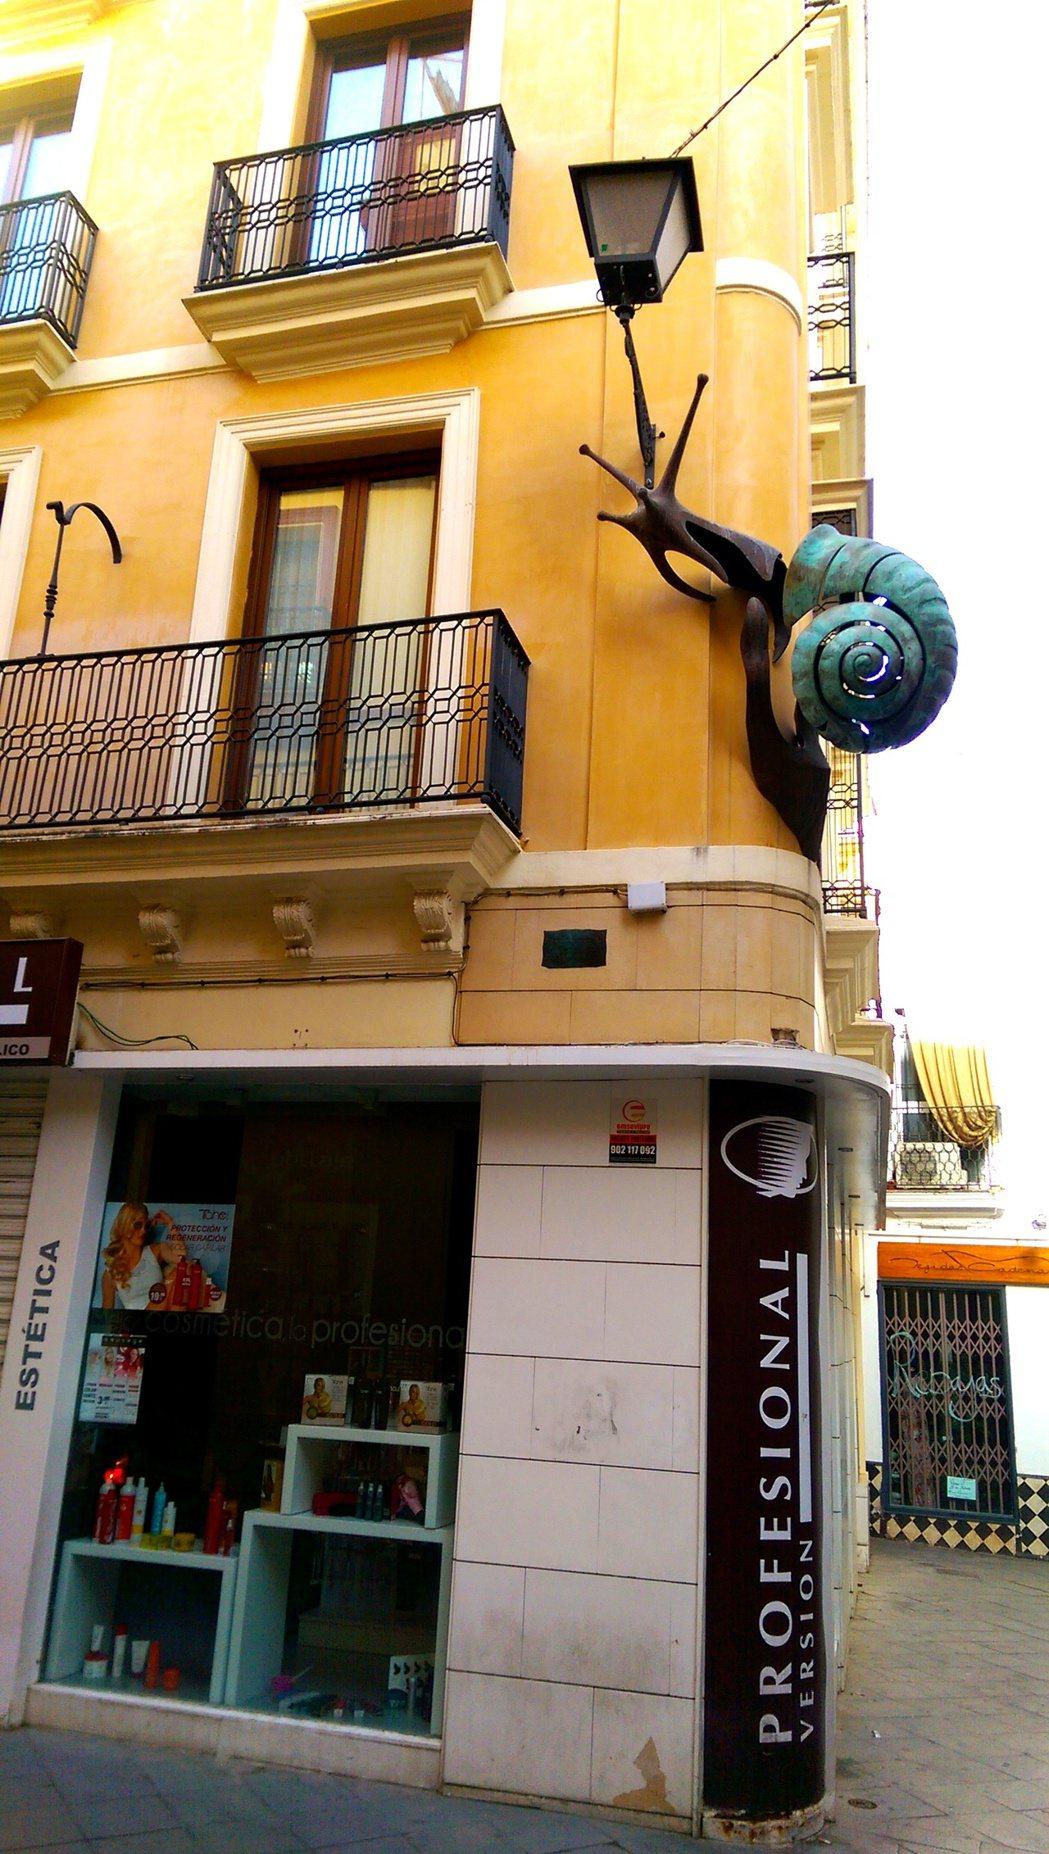 西班牙有家化妝品店,遠遠看二樓外牆爬著一隻大蝸牛,近看是燈的造型。 記者張錦弘/...